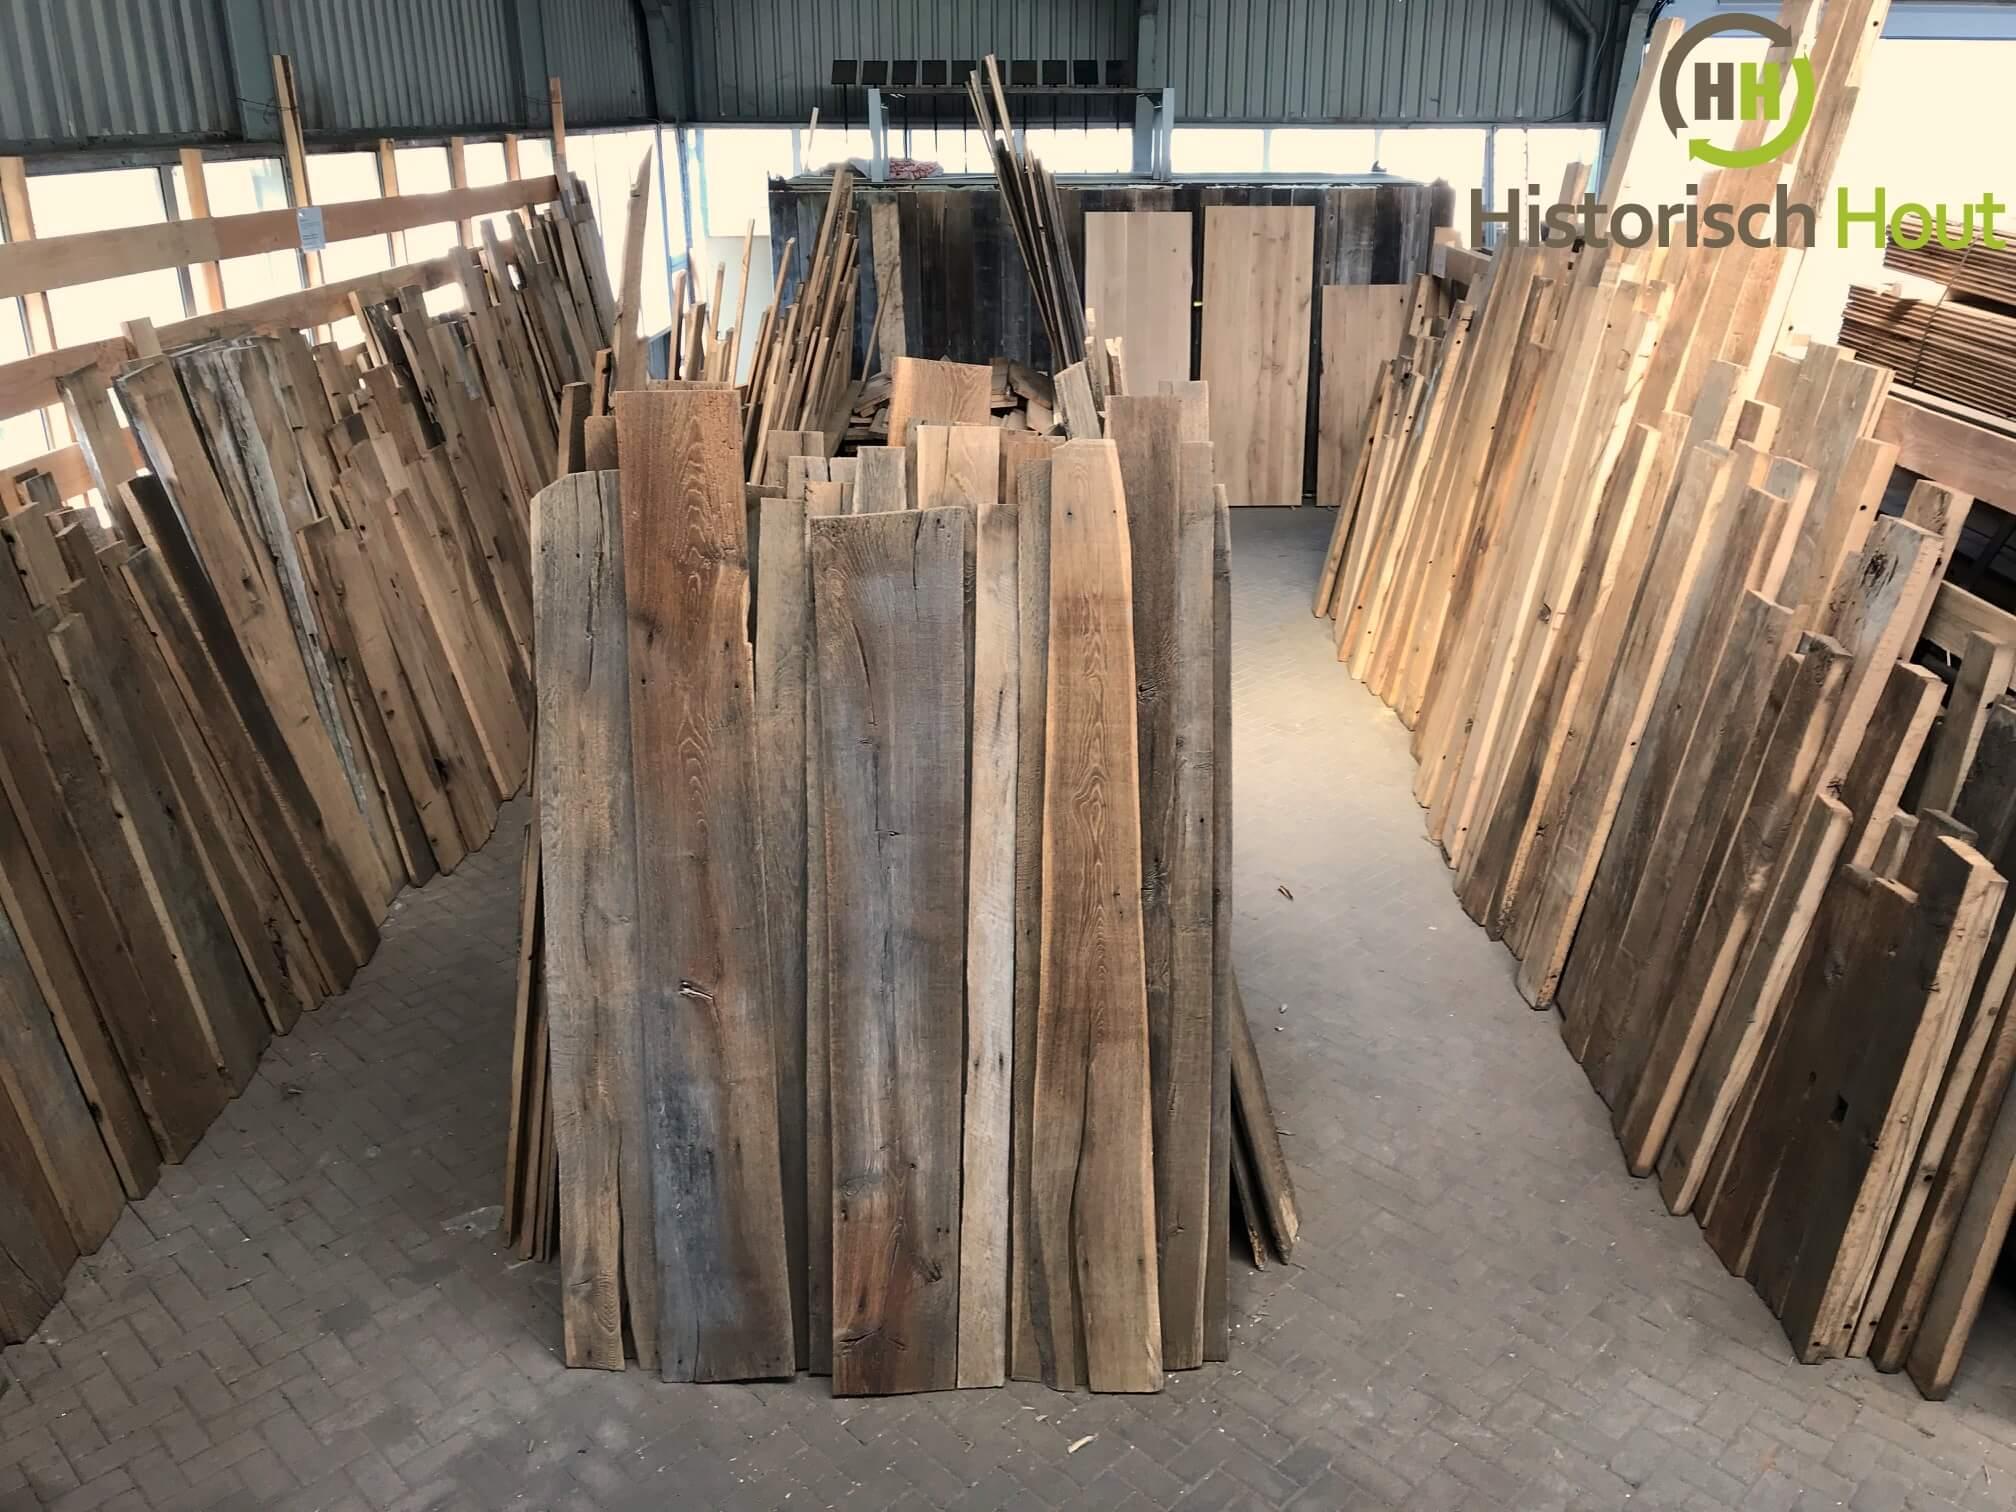 Beste Groothandel in historisch hout - Historisch Hout YM-36